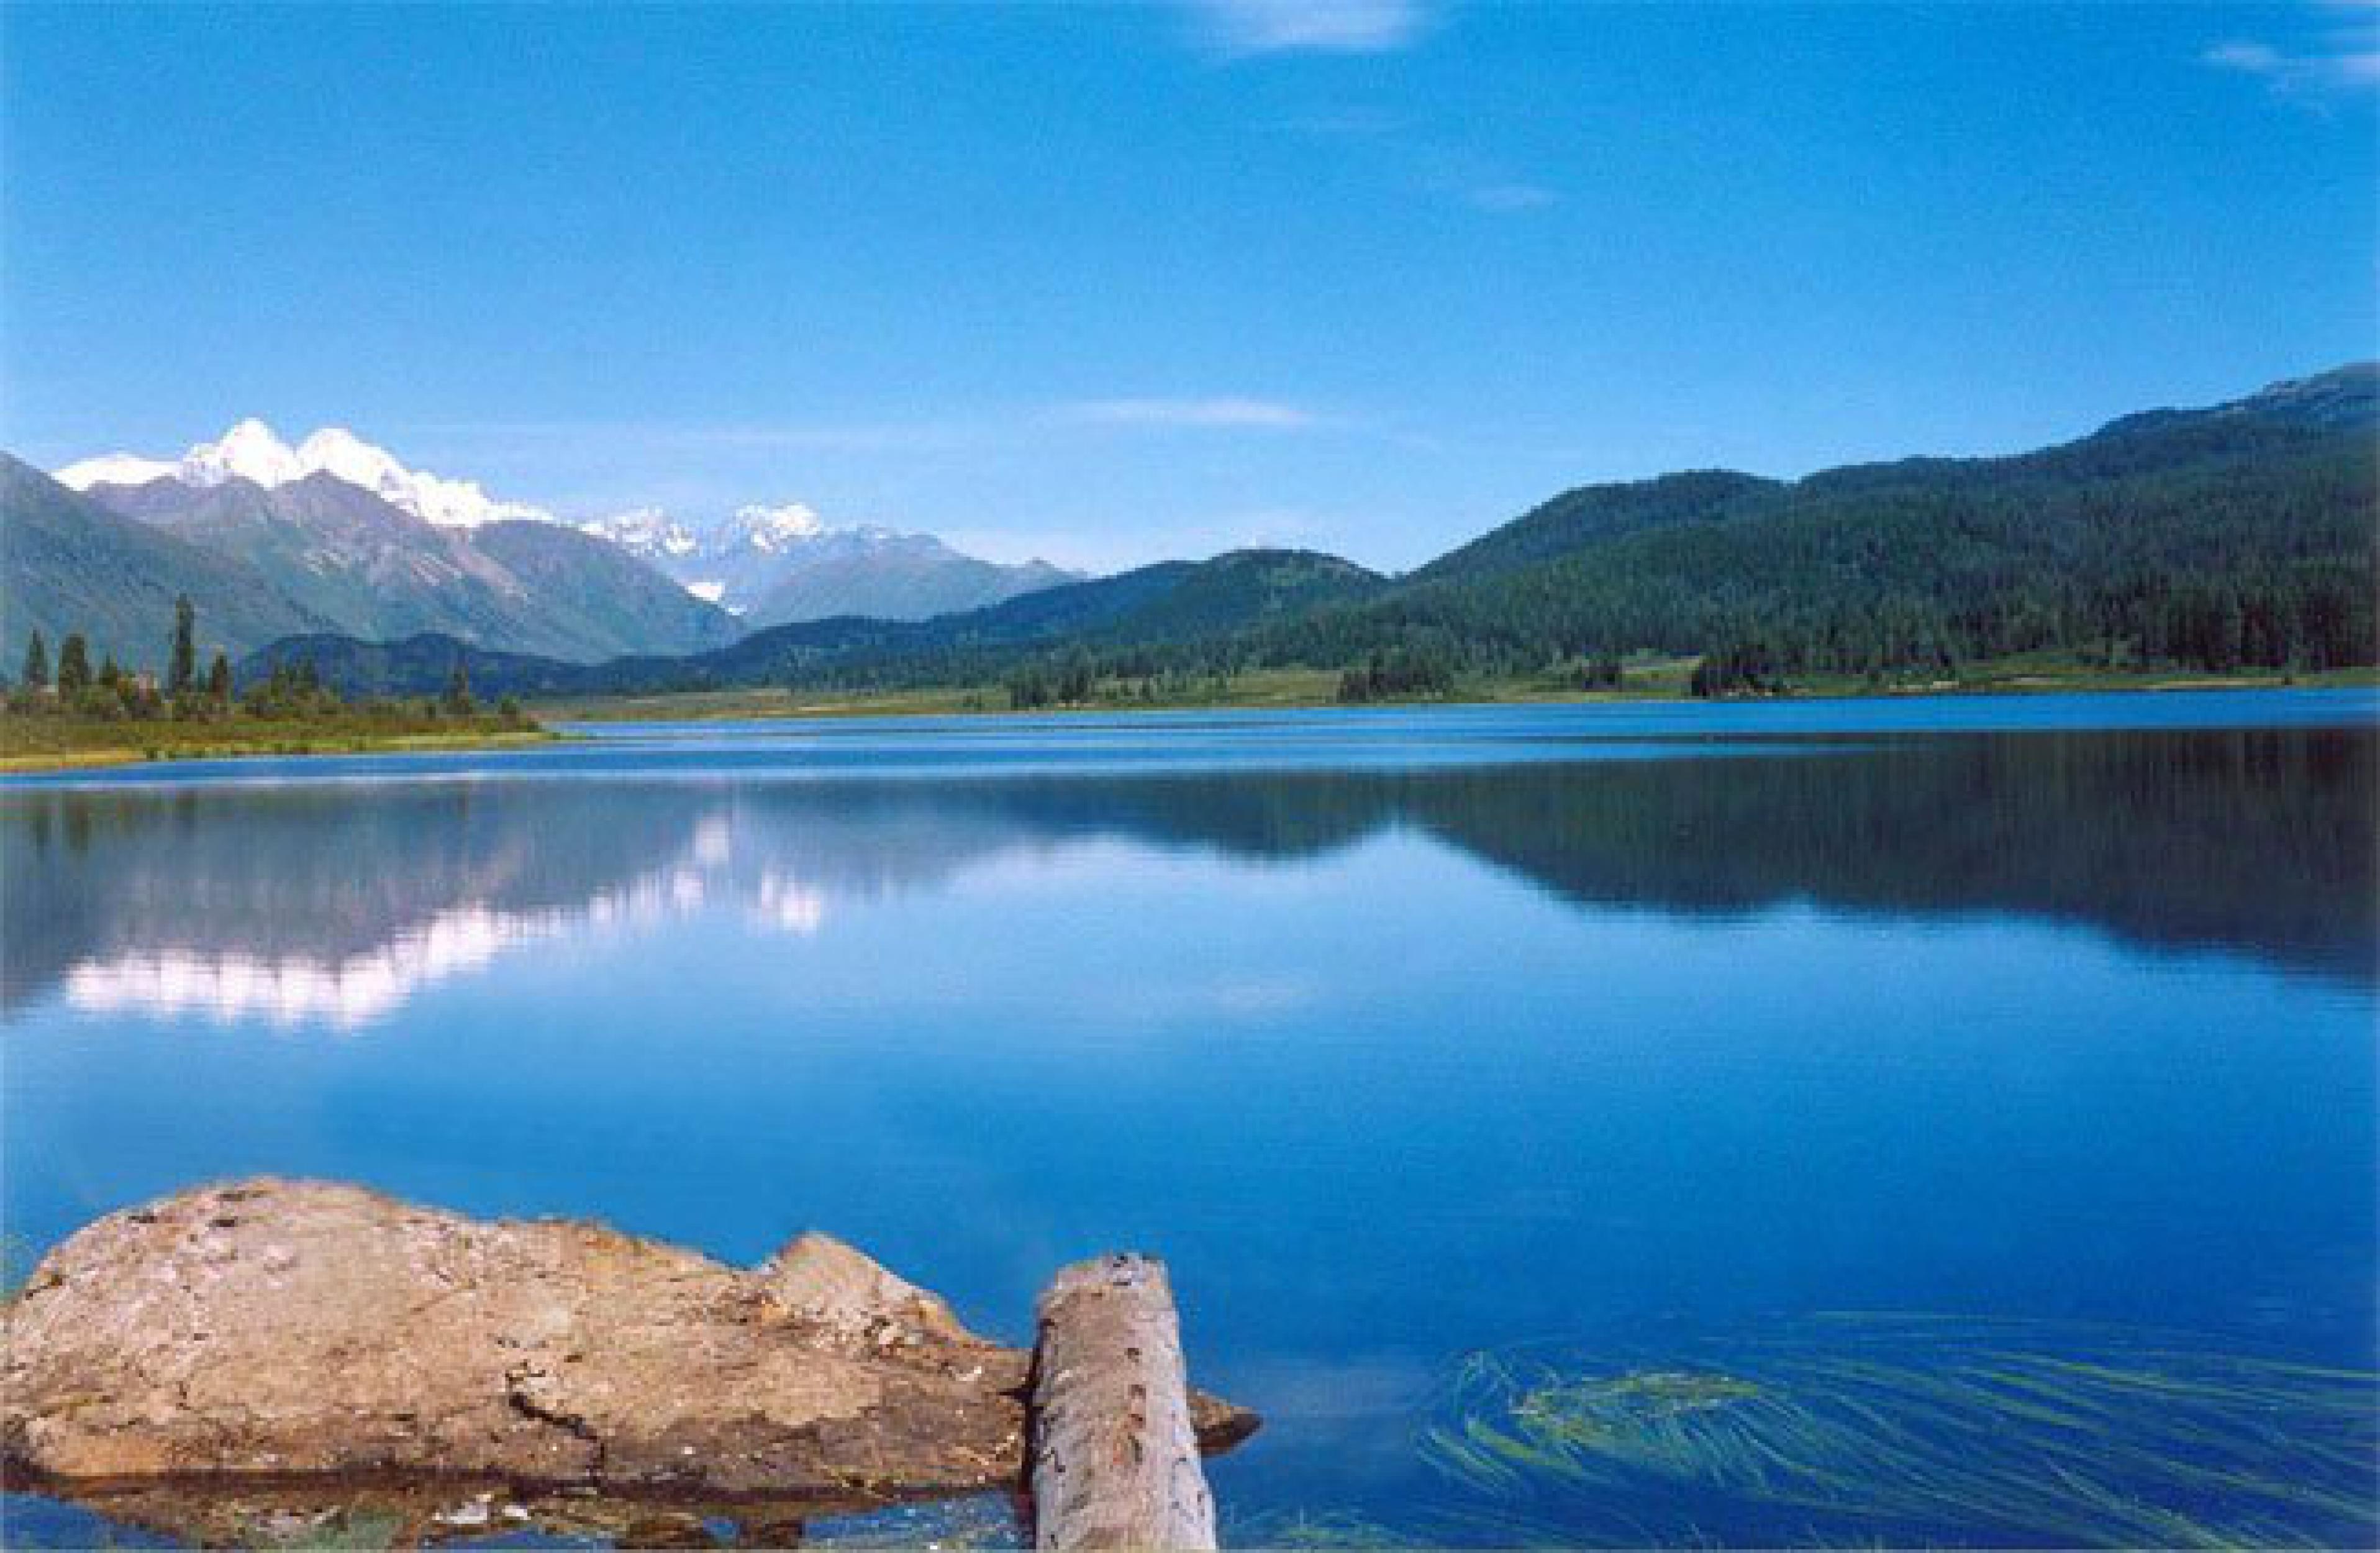 хороших результатов фотографии озера маркаколь в казахстане пудра, крахмал яичный